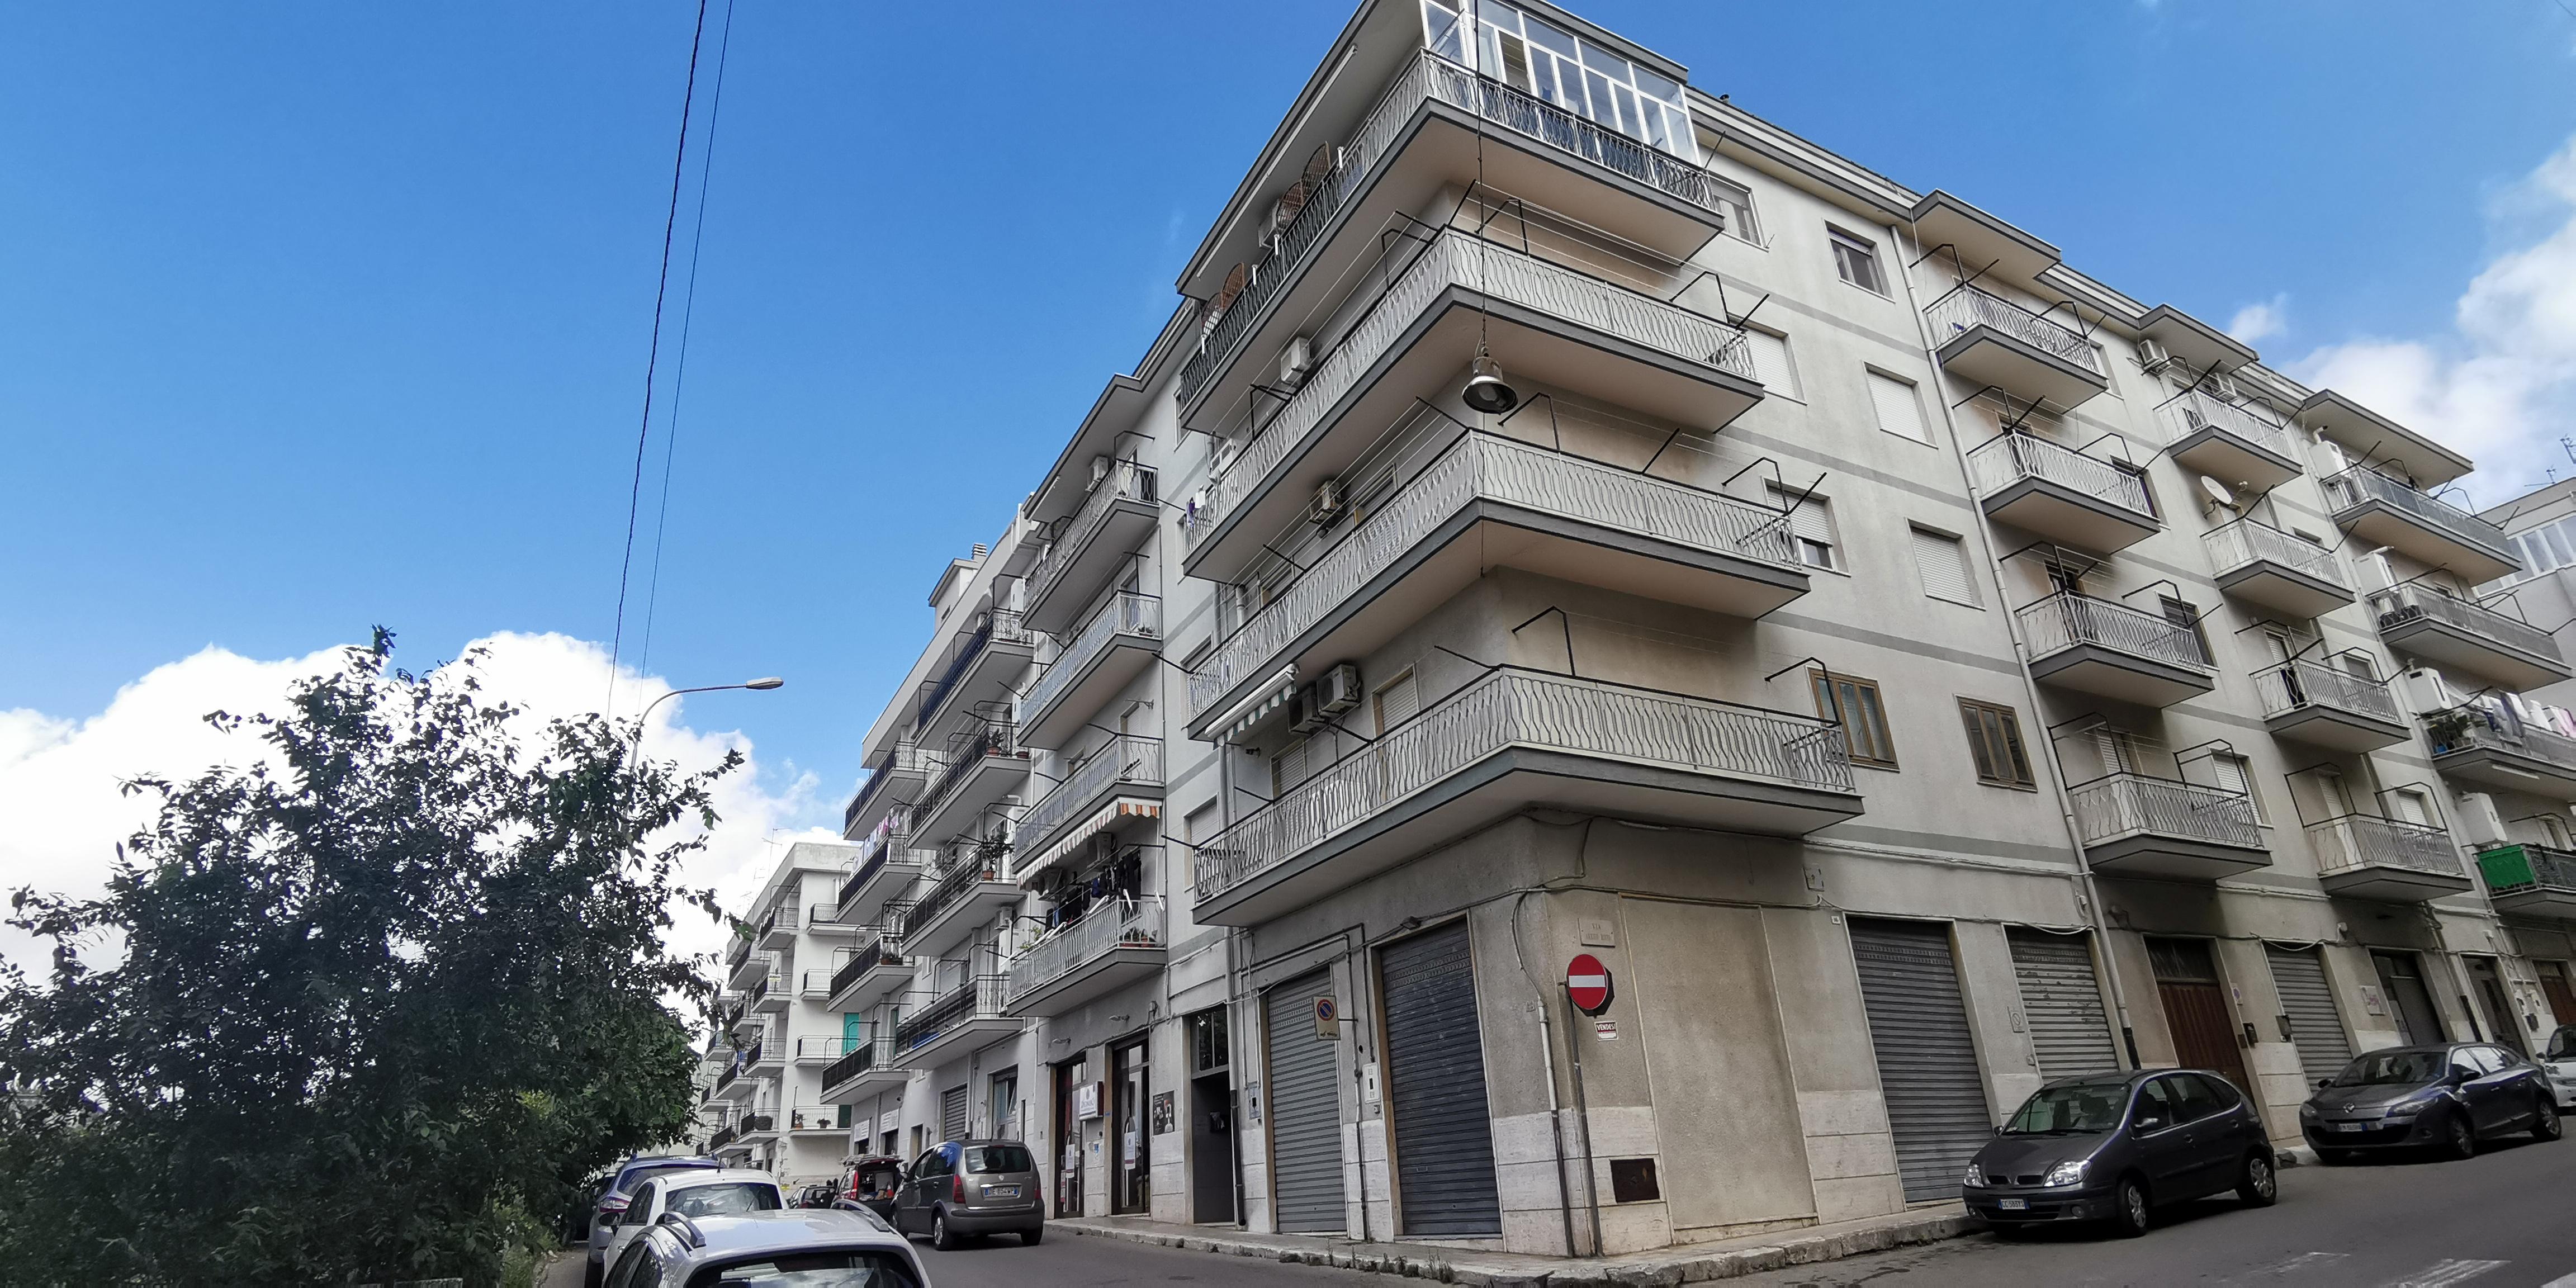 213 – Appartamento – Via Pavese – Martina Franca